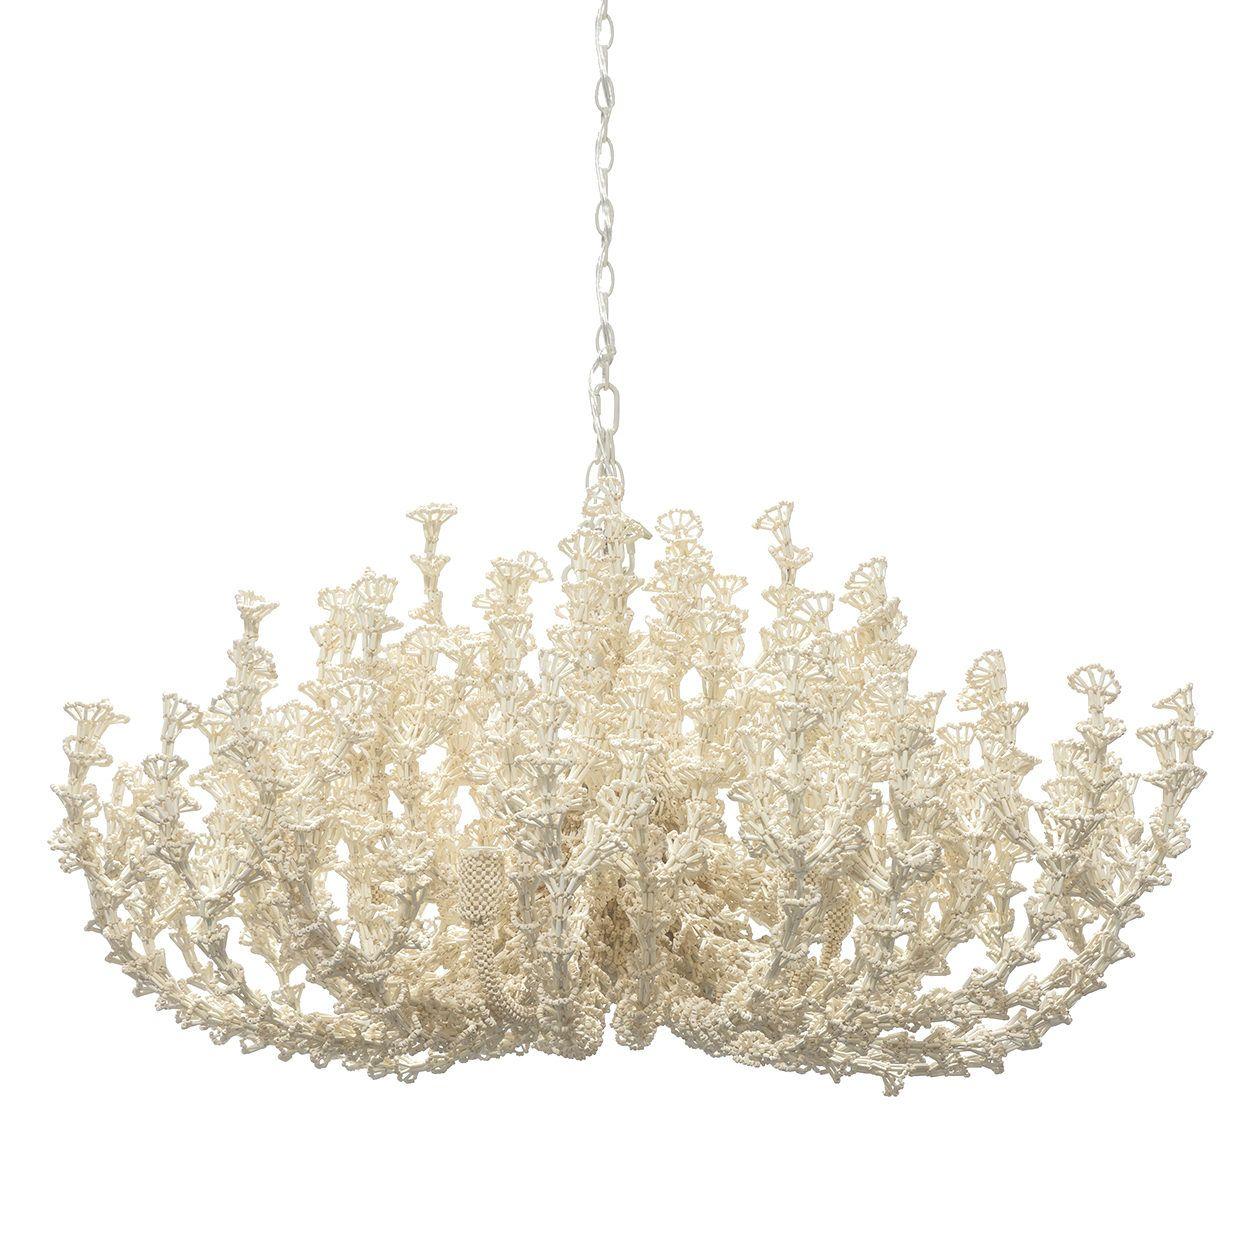 palecek lighting. Www.palecek.com Products 244879 L 03 SEYCHELLES-COCO-CHANDELIER Palecek Lighting E